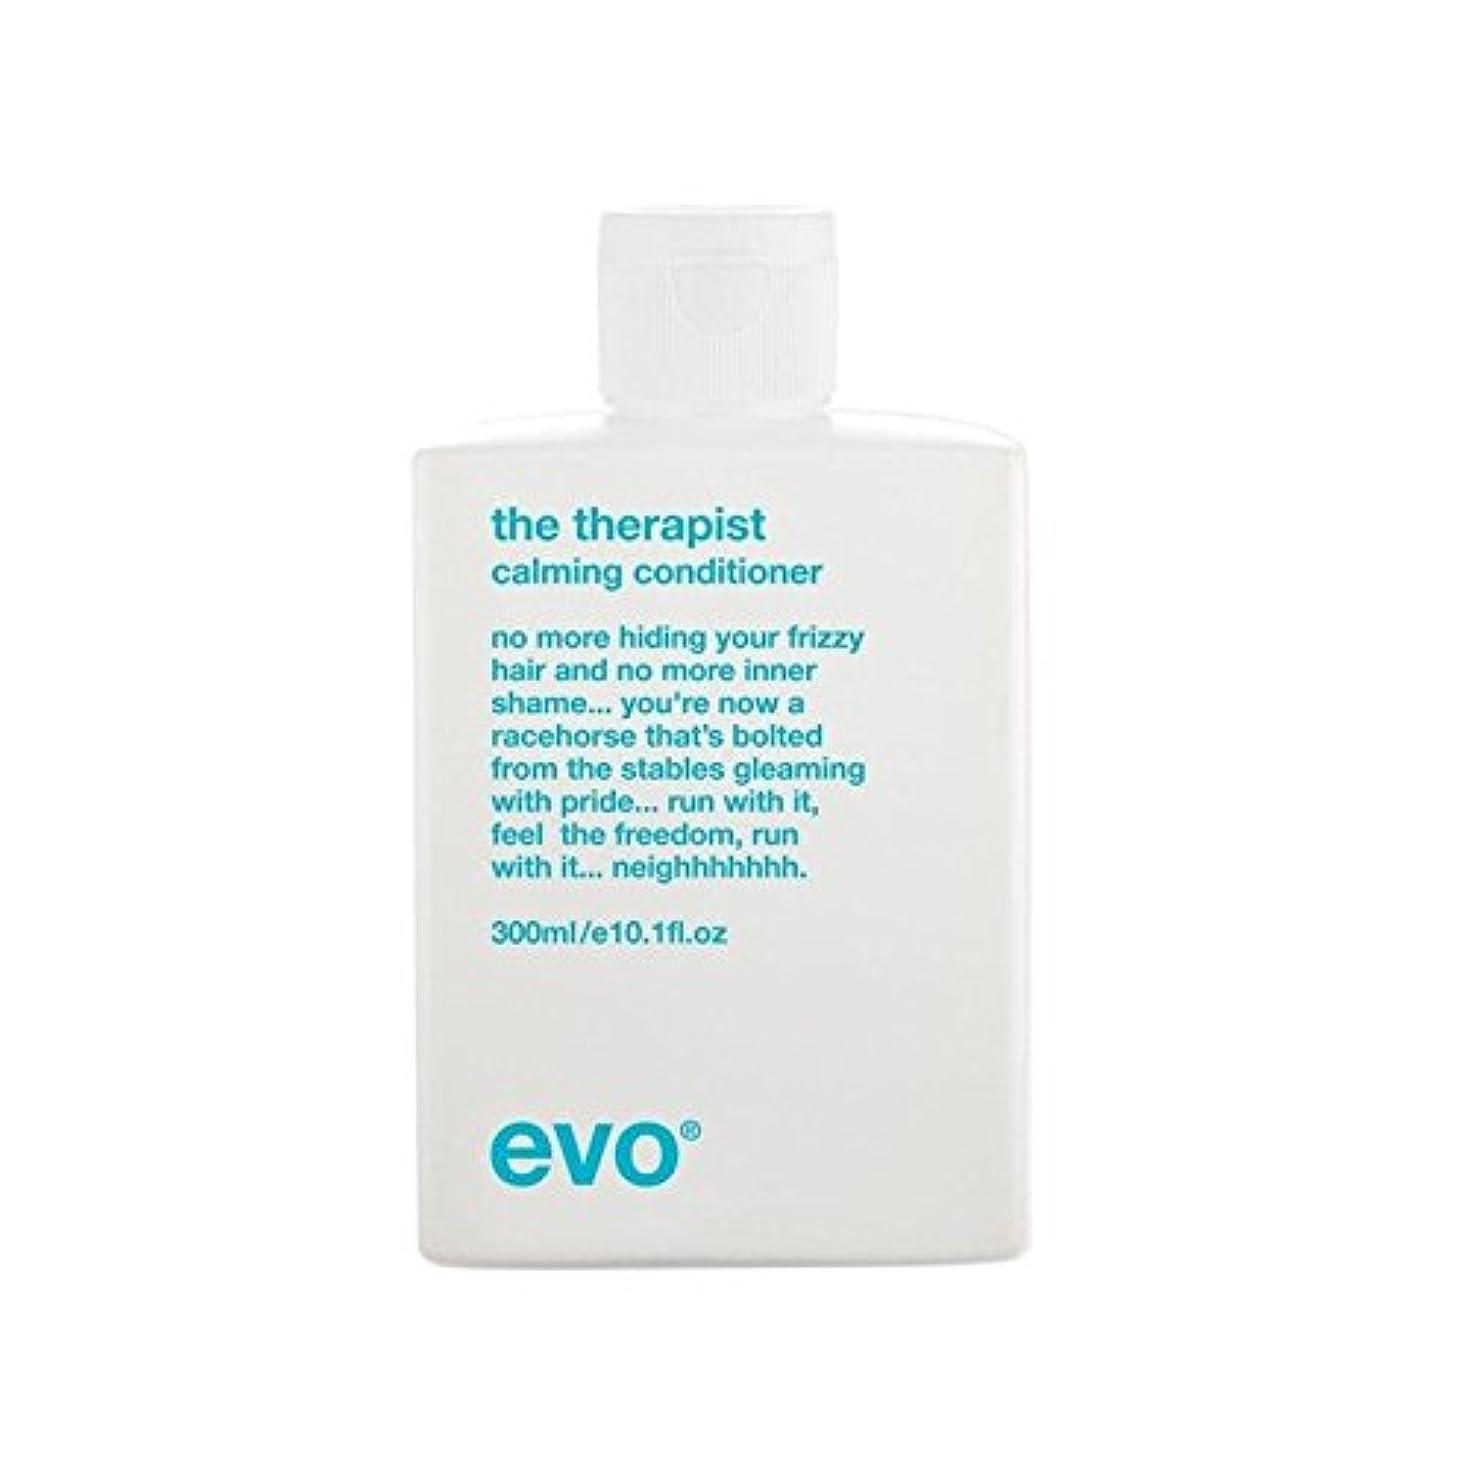 セラピスト沈静コンディショナー(300ミリリットル) x4 - Evo The Therapist Calming Conditioner (300ml) (Pack of 4) [並行輸入品]